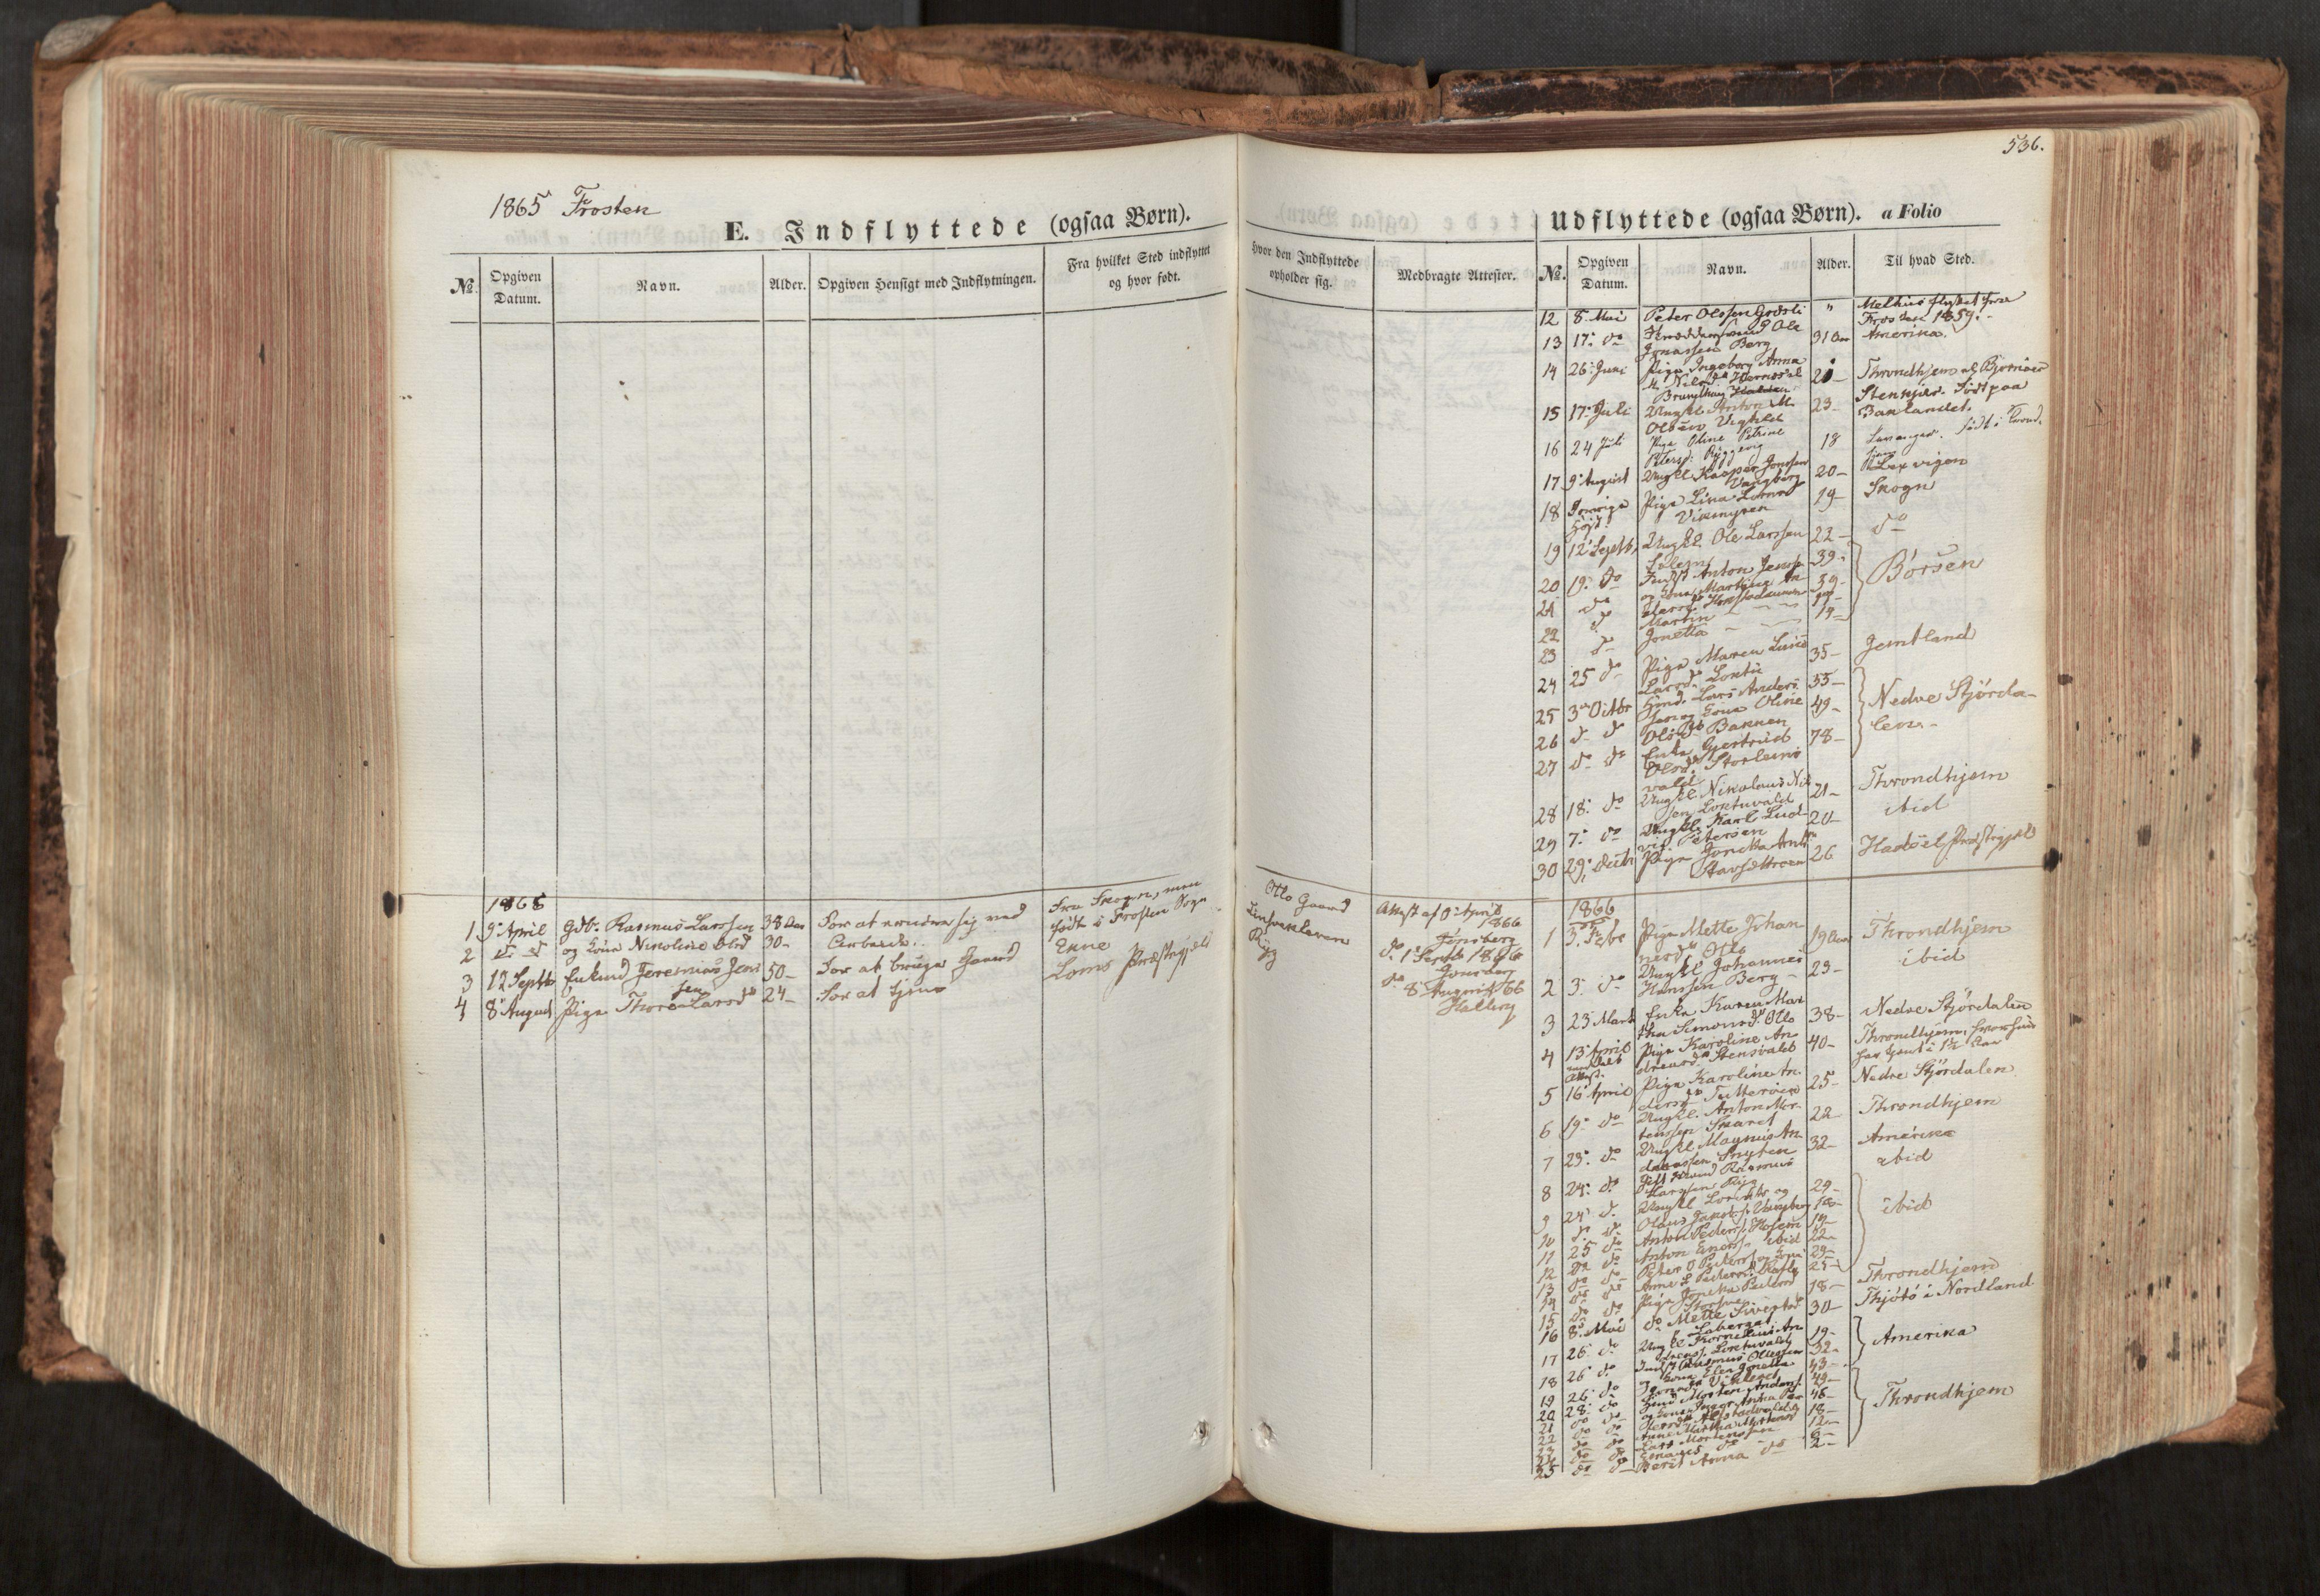 SAT, Ministerialprotokoller, klokkerbøker og fødselsregistre - Nord-Trøndelag, 713/L0116: Ministerialbok nr. 713A07, 1850-1877, s. 536